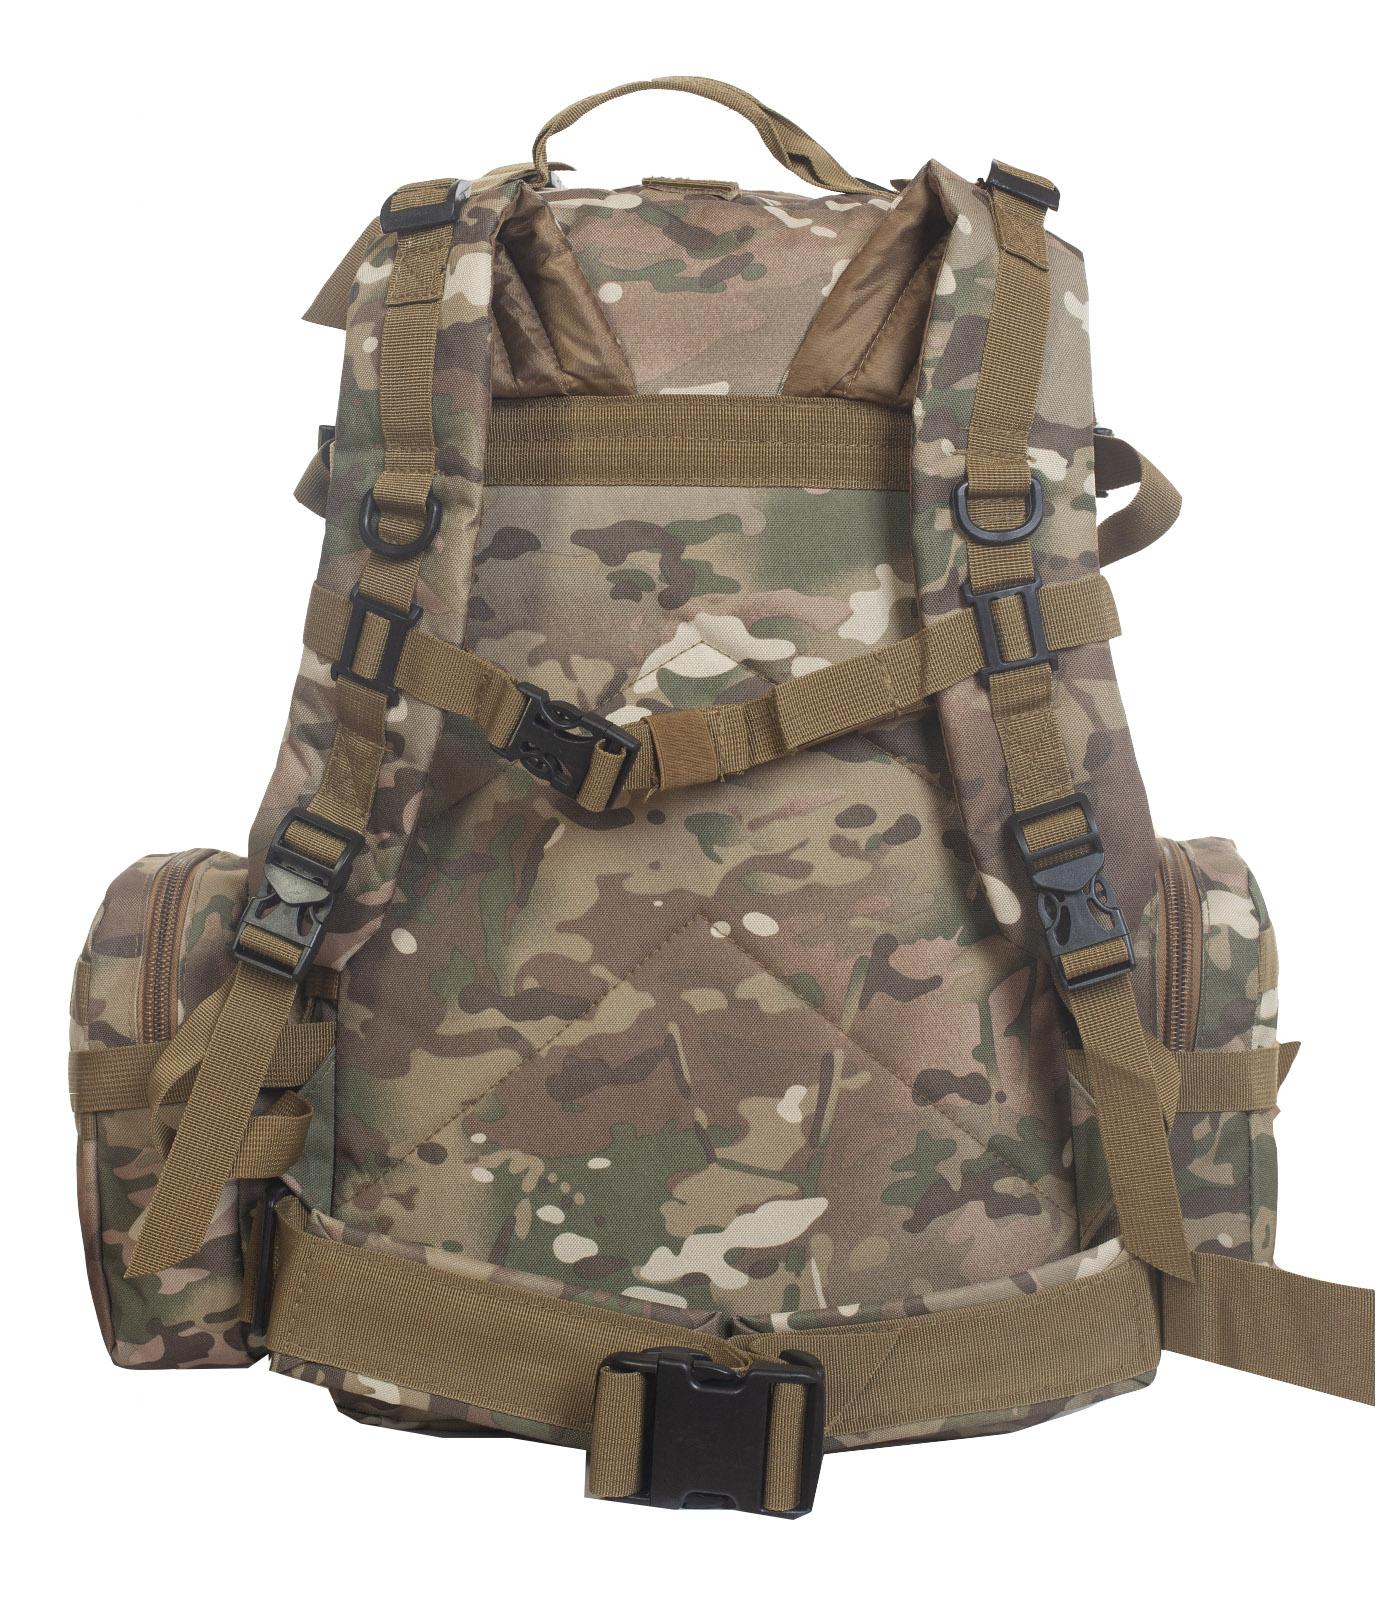 Рюкзак US Assault Pack Multicam - купить онлайн